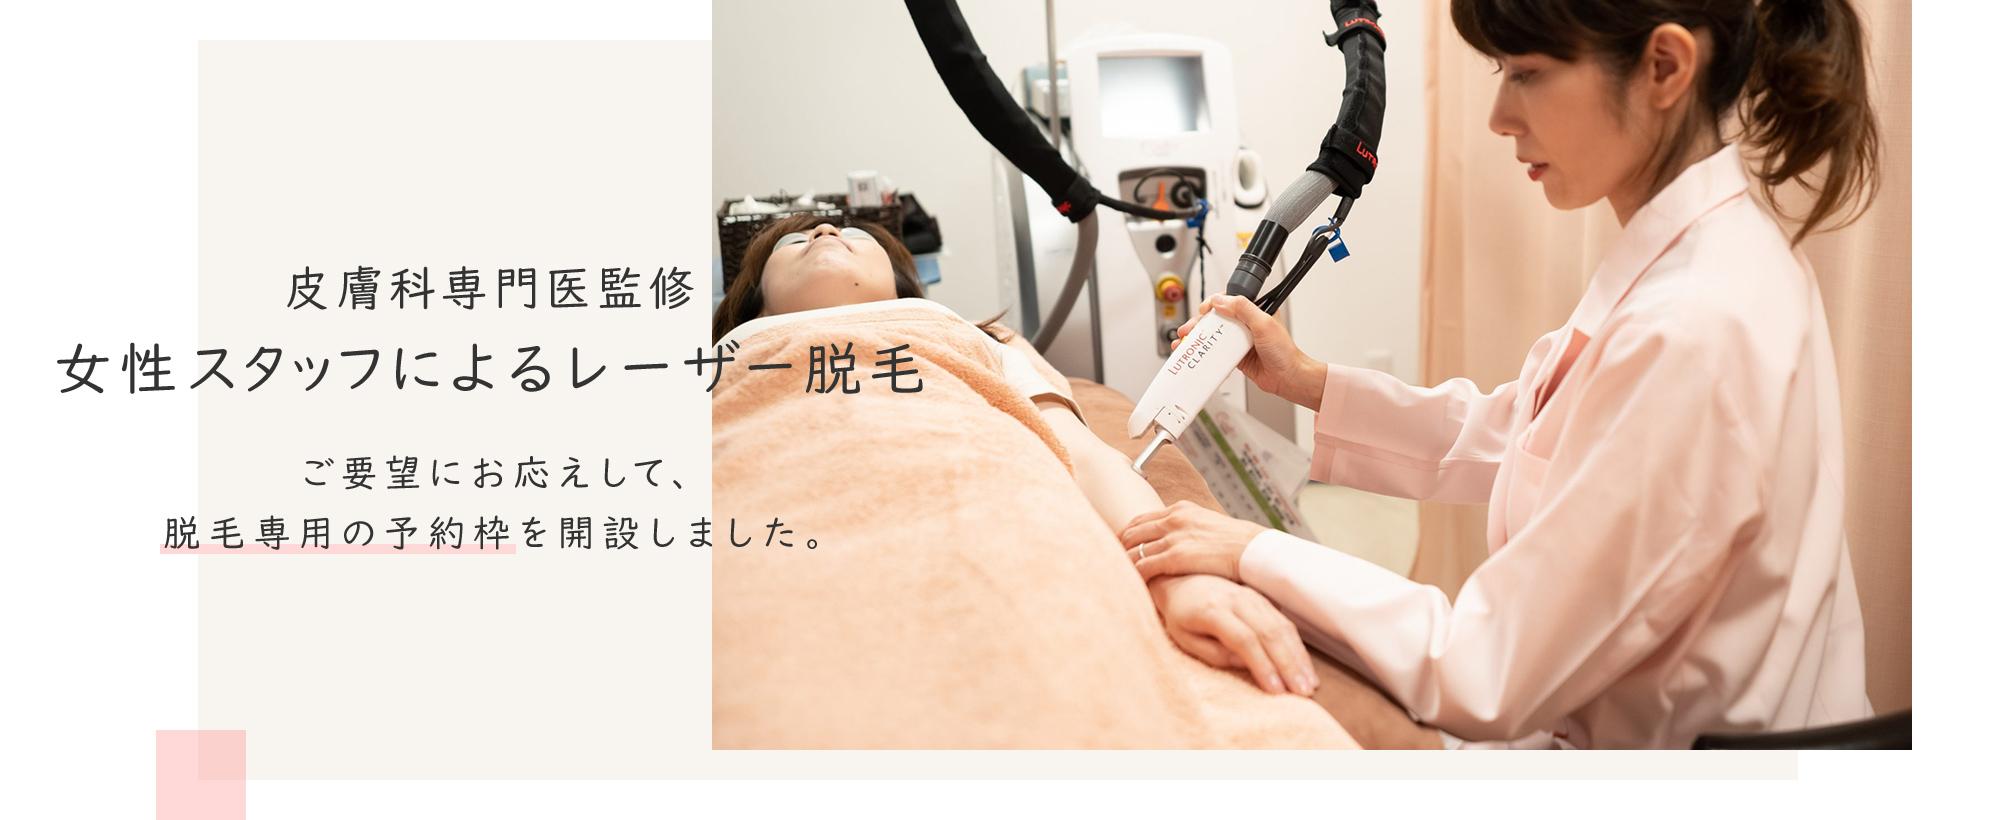 皮膚科専門医監修 女性スタッフによるレーザー脱毛